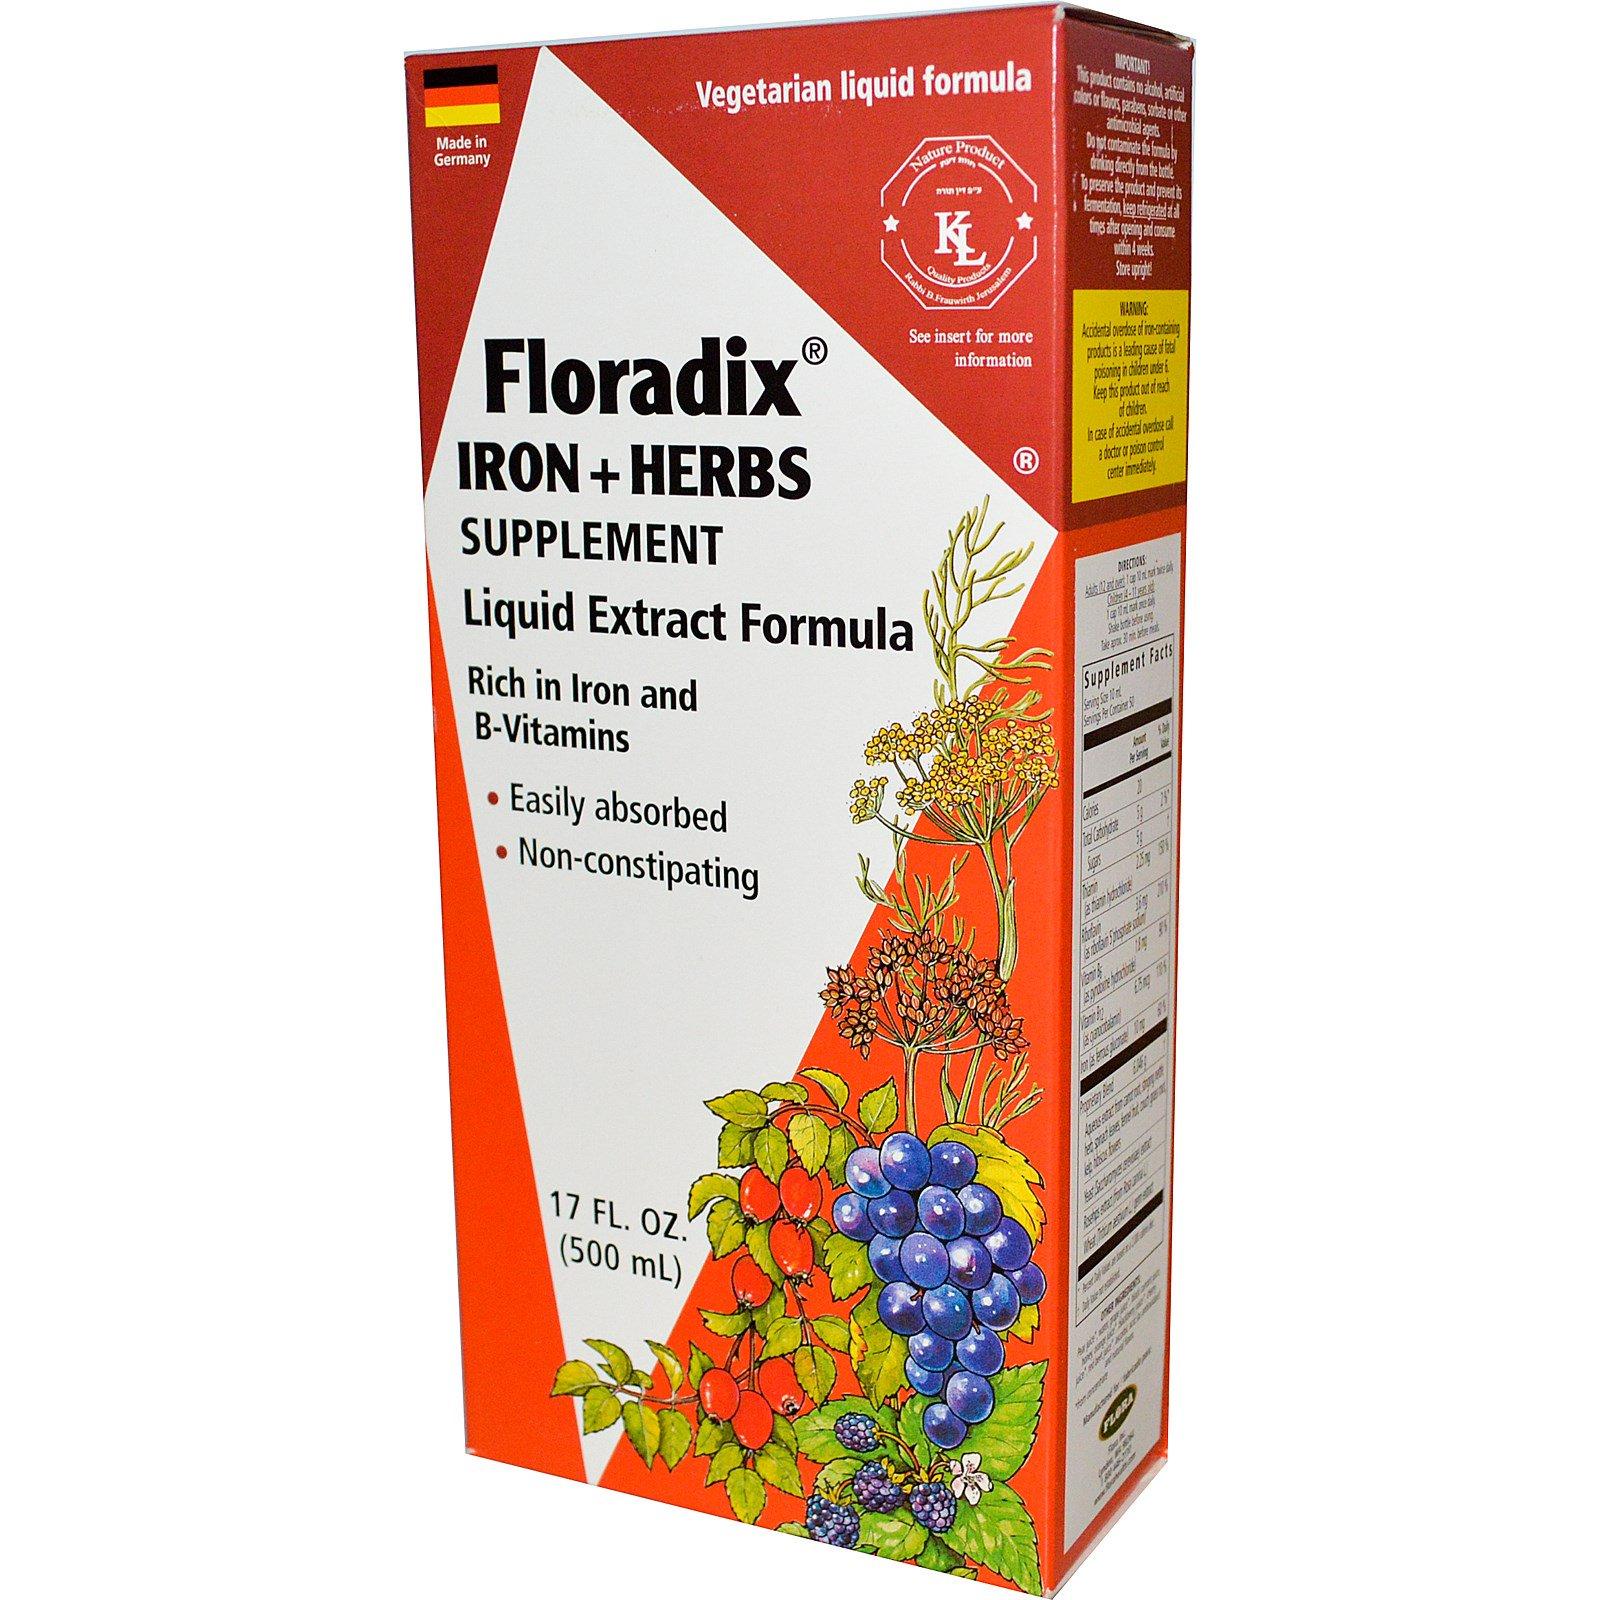 Flora, Флорадикс, железо + травы, жидкий экстракт, 17 жидких унций (500 мл)